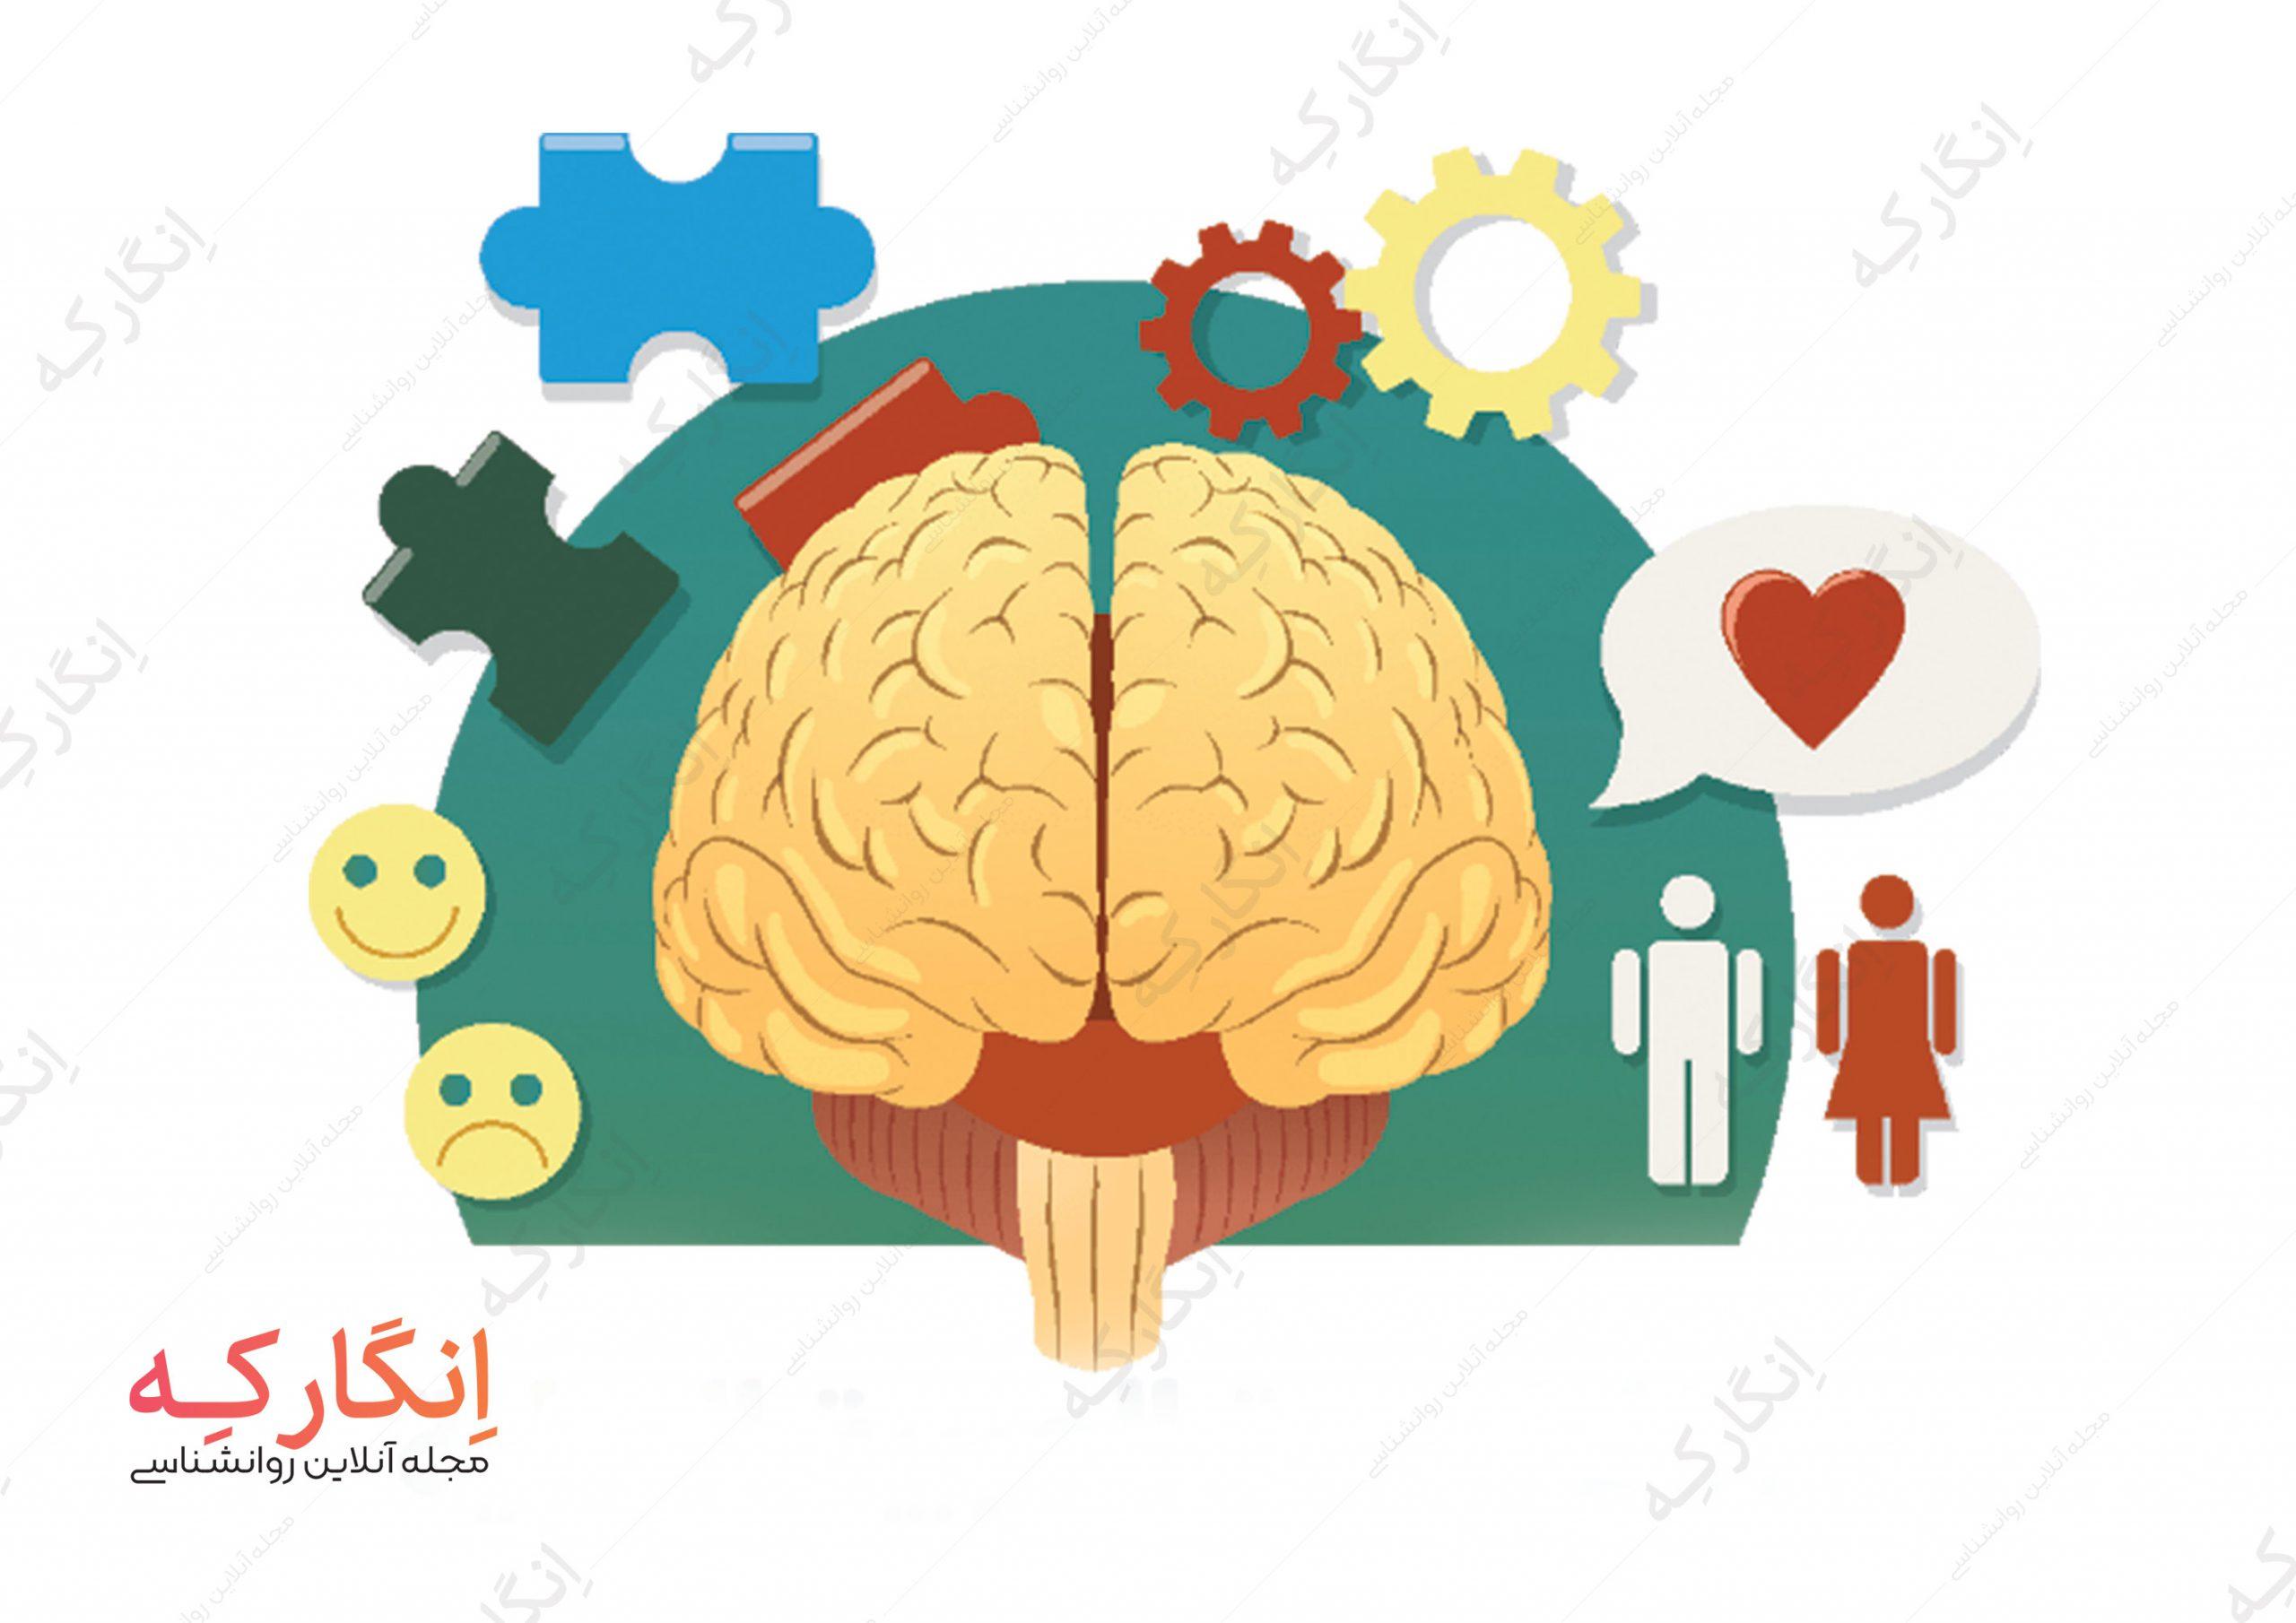 روانشناسی بالینی چیست؟